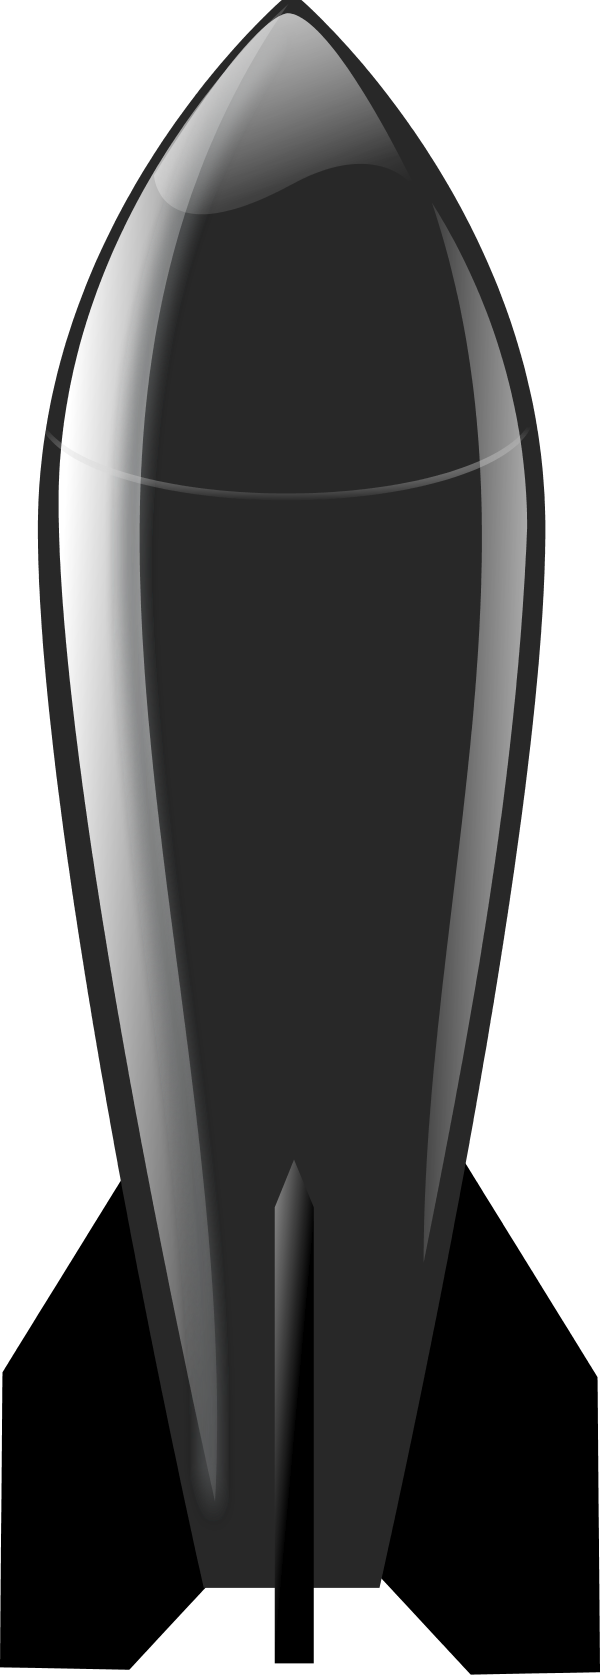 Bomb Vector Clip Art